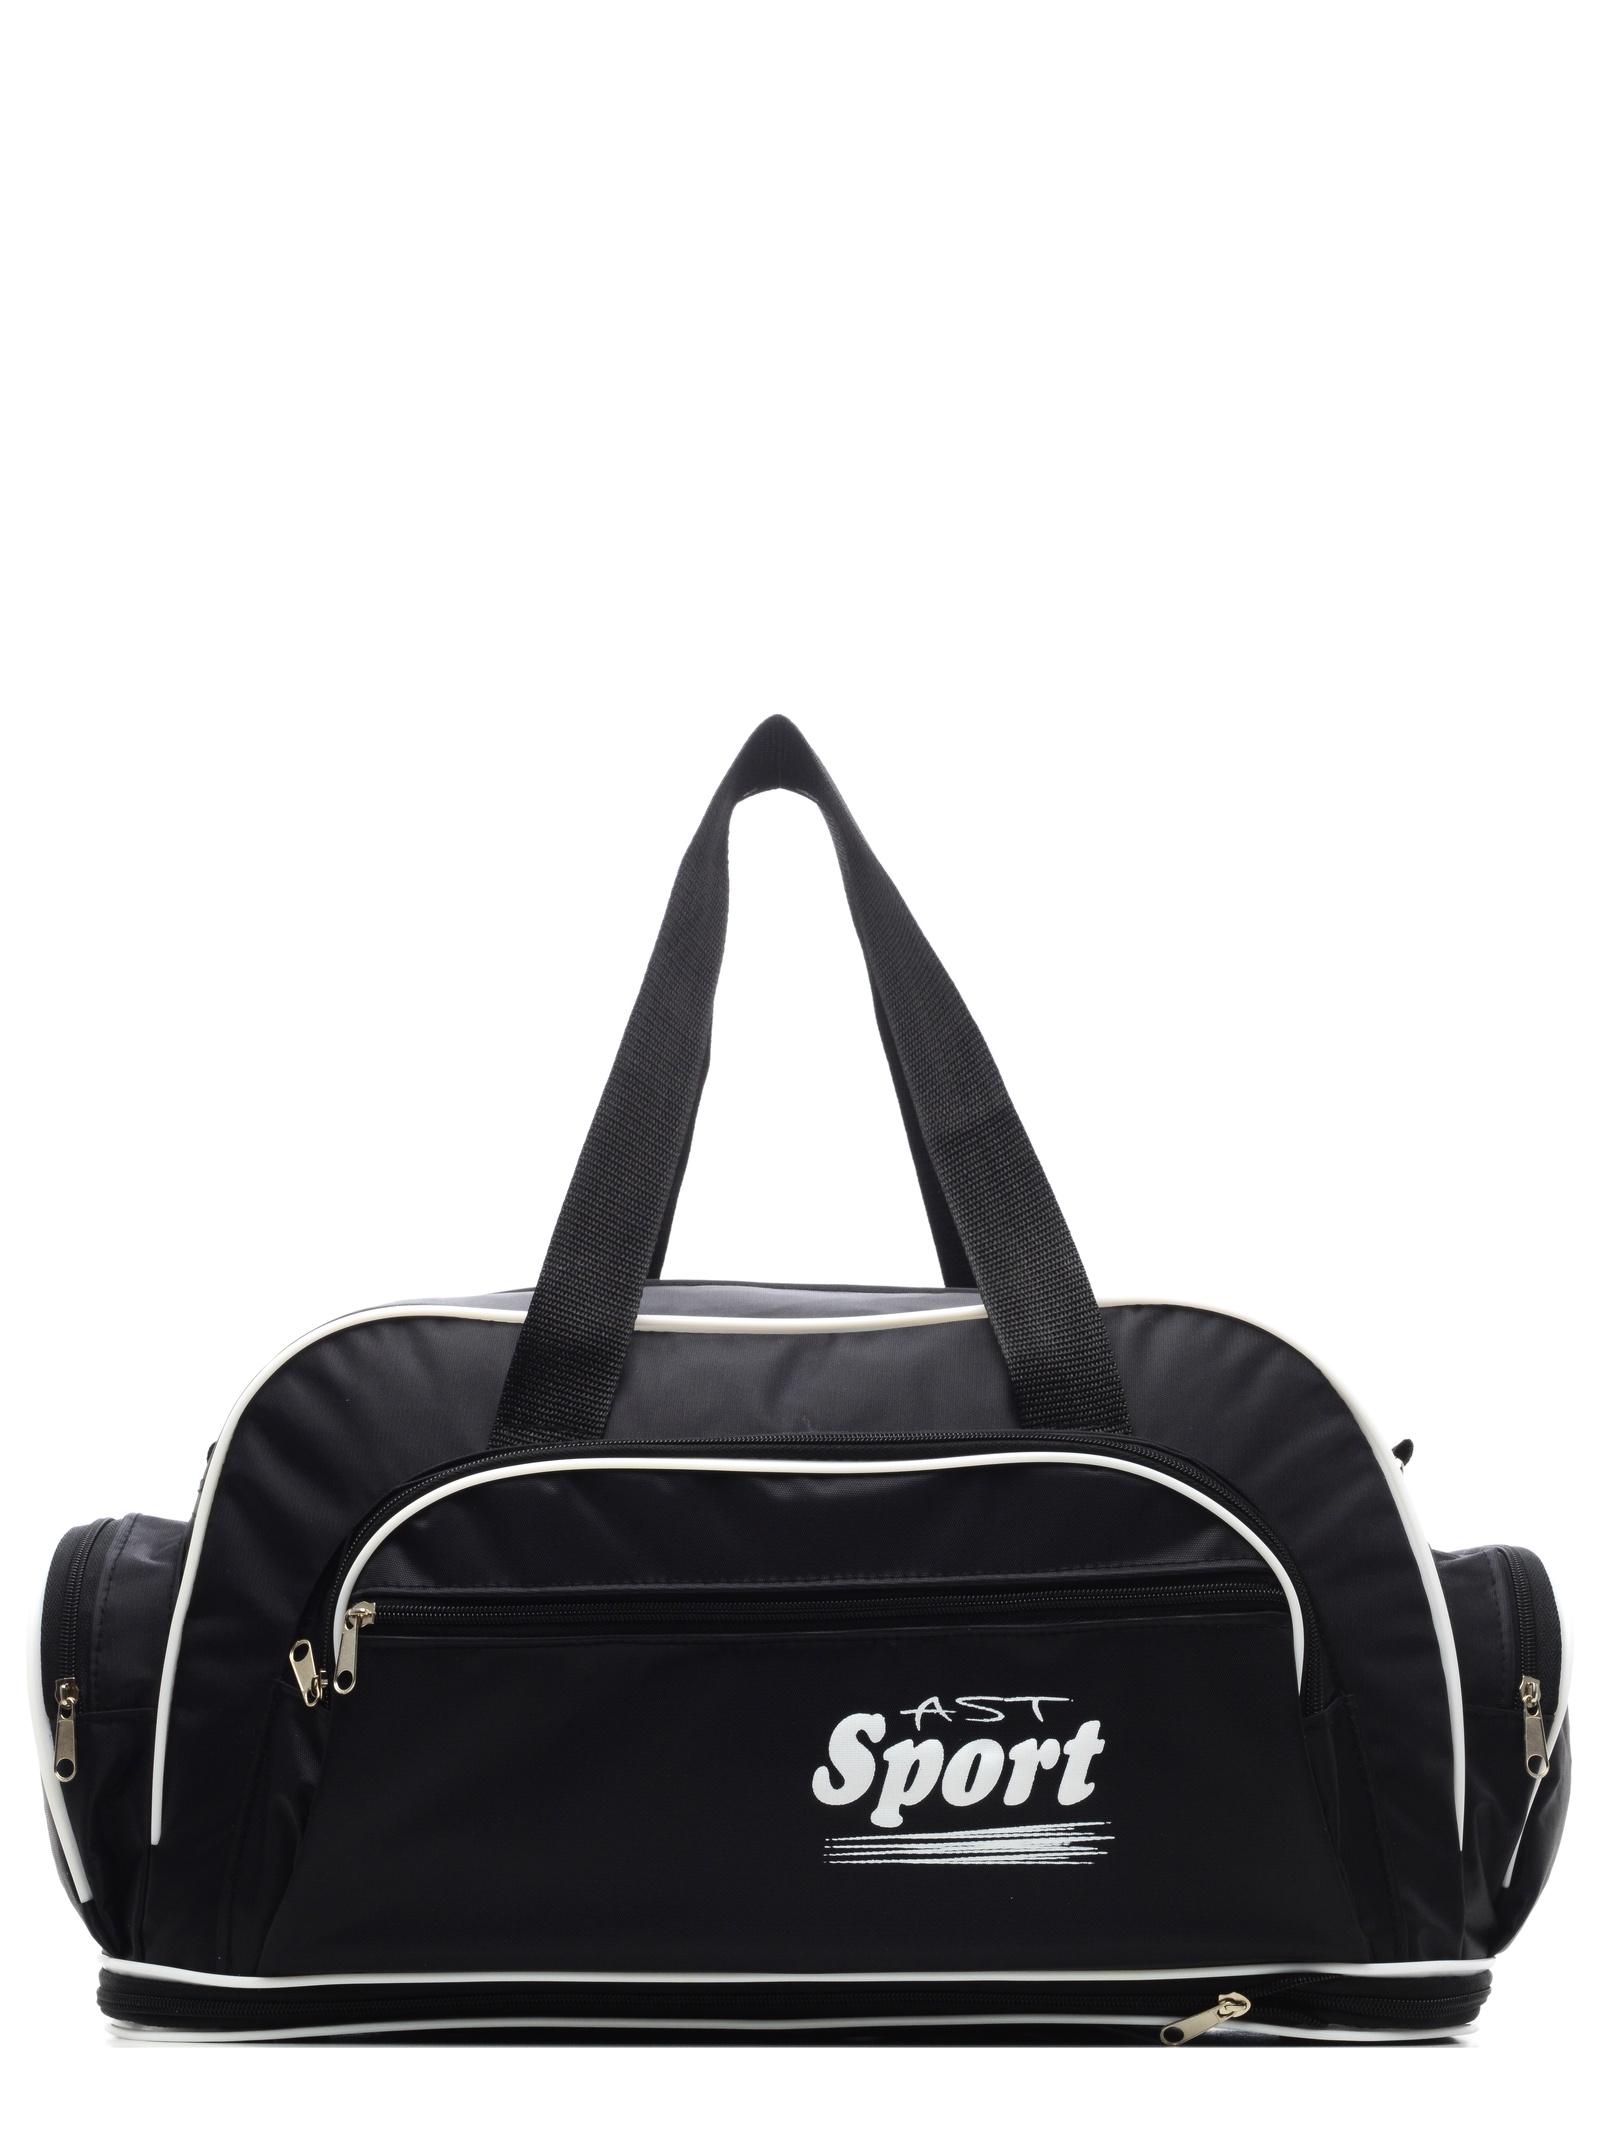 Сумка спортивная AST Сумка спортивная 178/черная, 178/черная, черный balenciaga черная сумка с логотипом